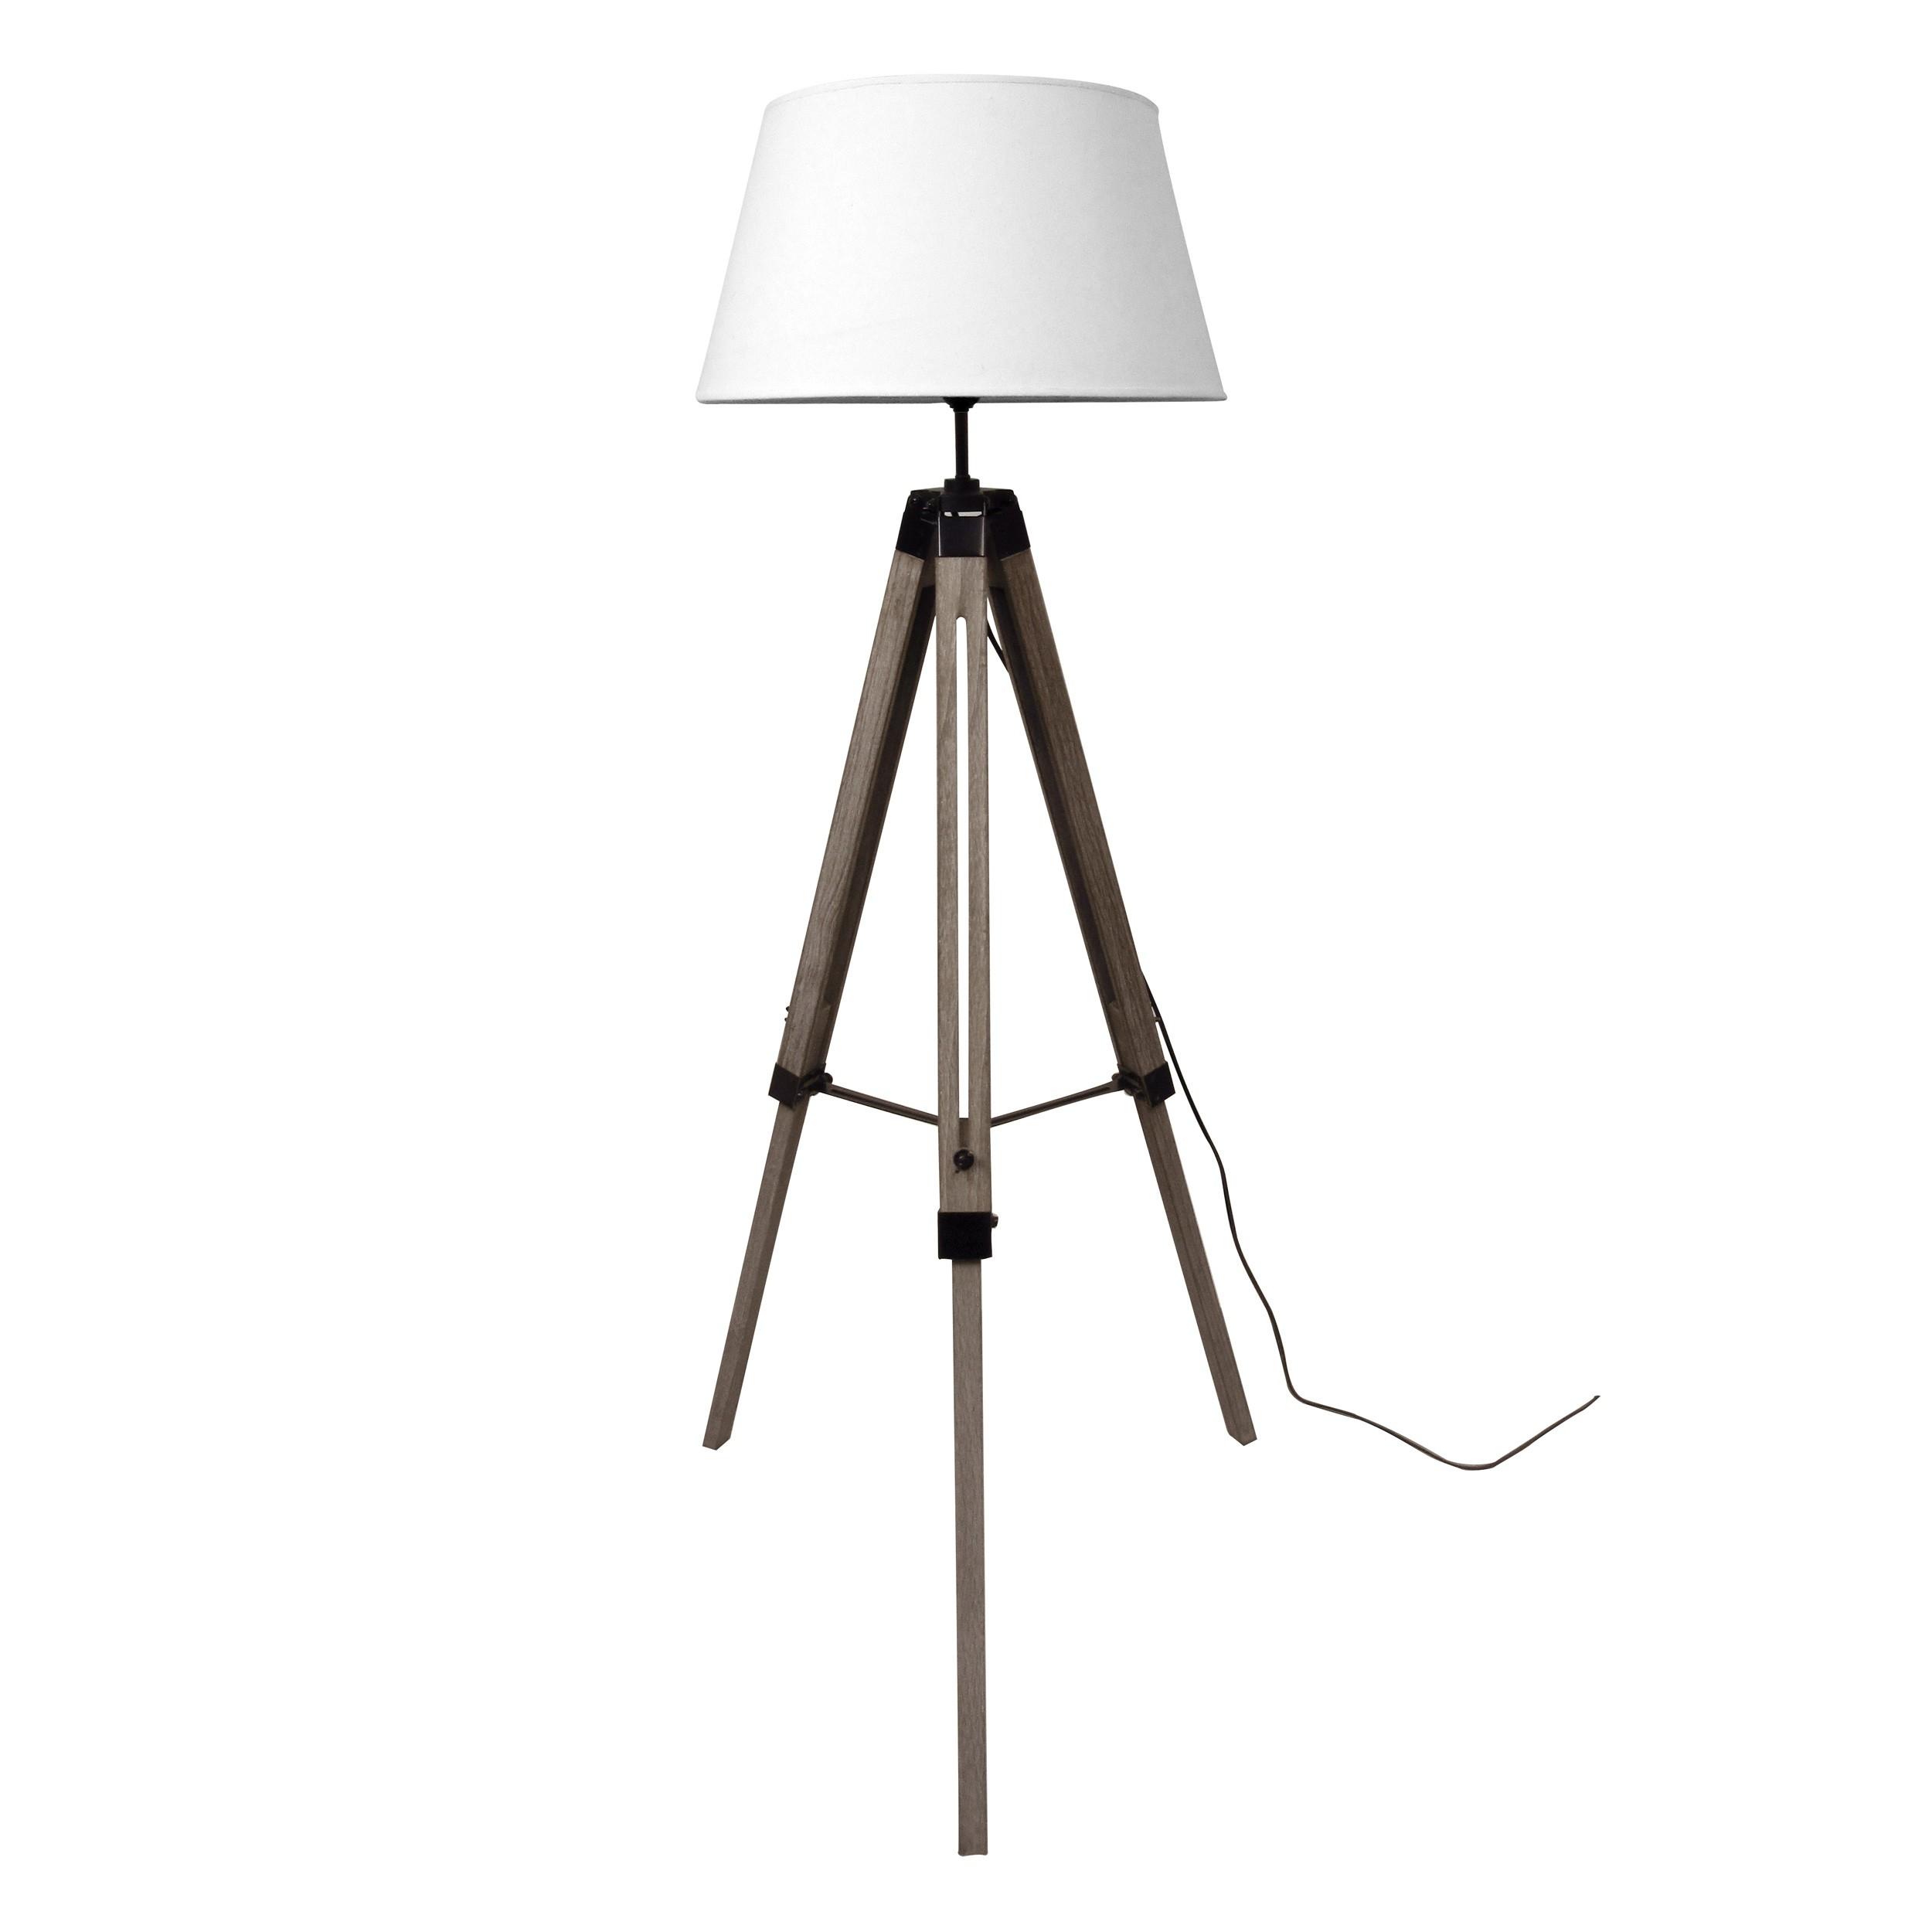 lampadaire tr pied marine blanc d couvrez nos lampadaires tr pied marine blancs rendez vous d co. Black Bedroom Furniture Sets. Home Design Ideas